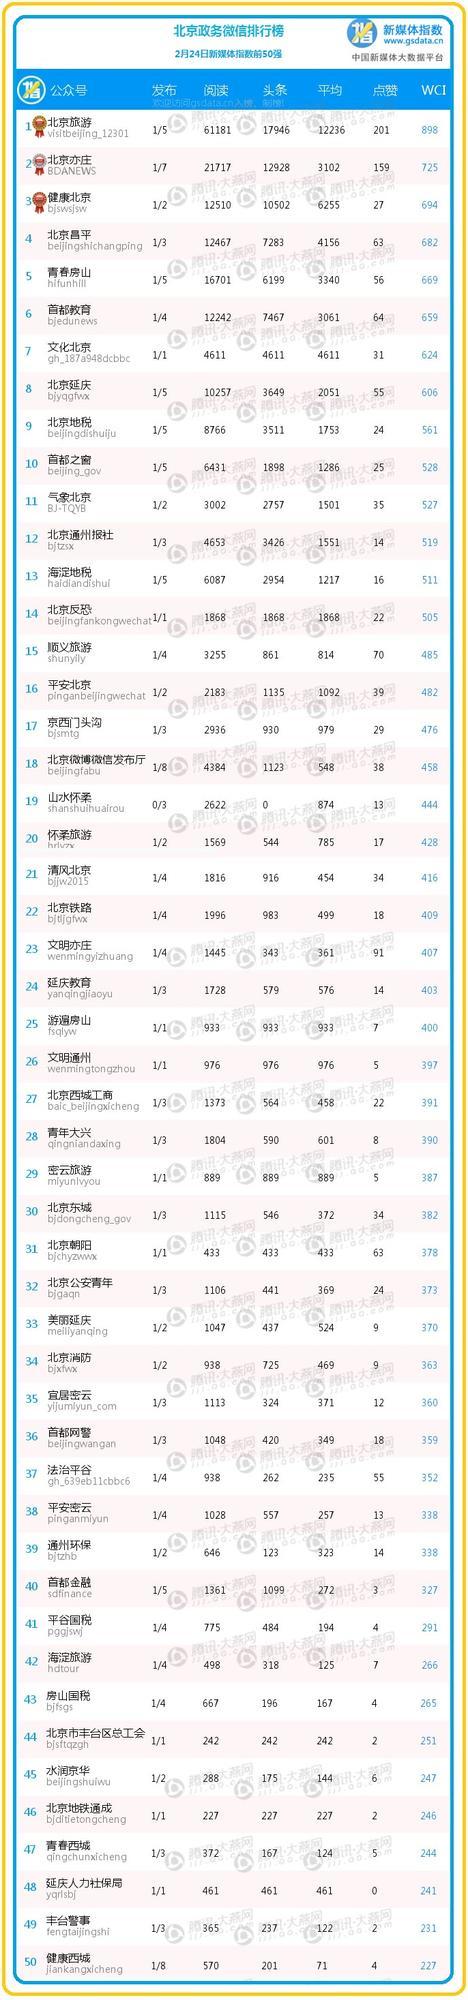 """【排行榜】前50名完整榜单分析 北京医院排名助""""健康北京""""实现逆袭"""